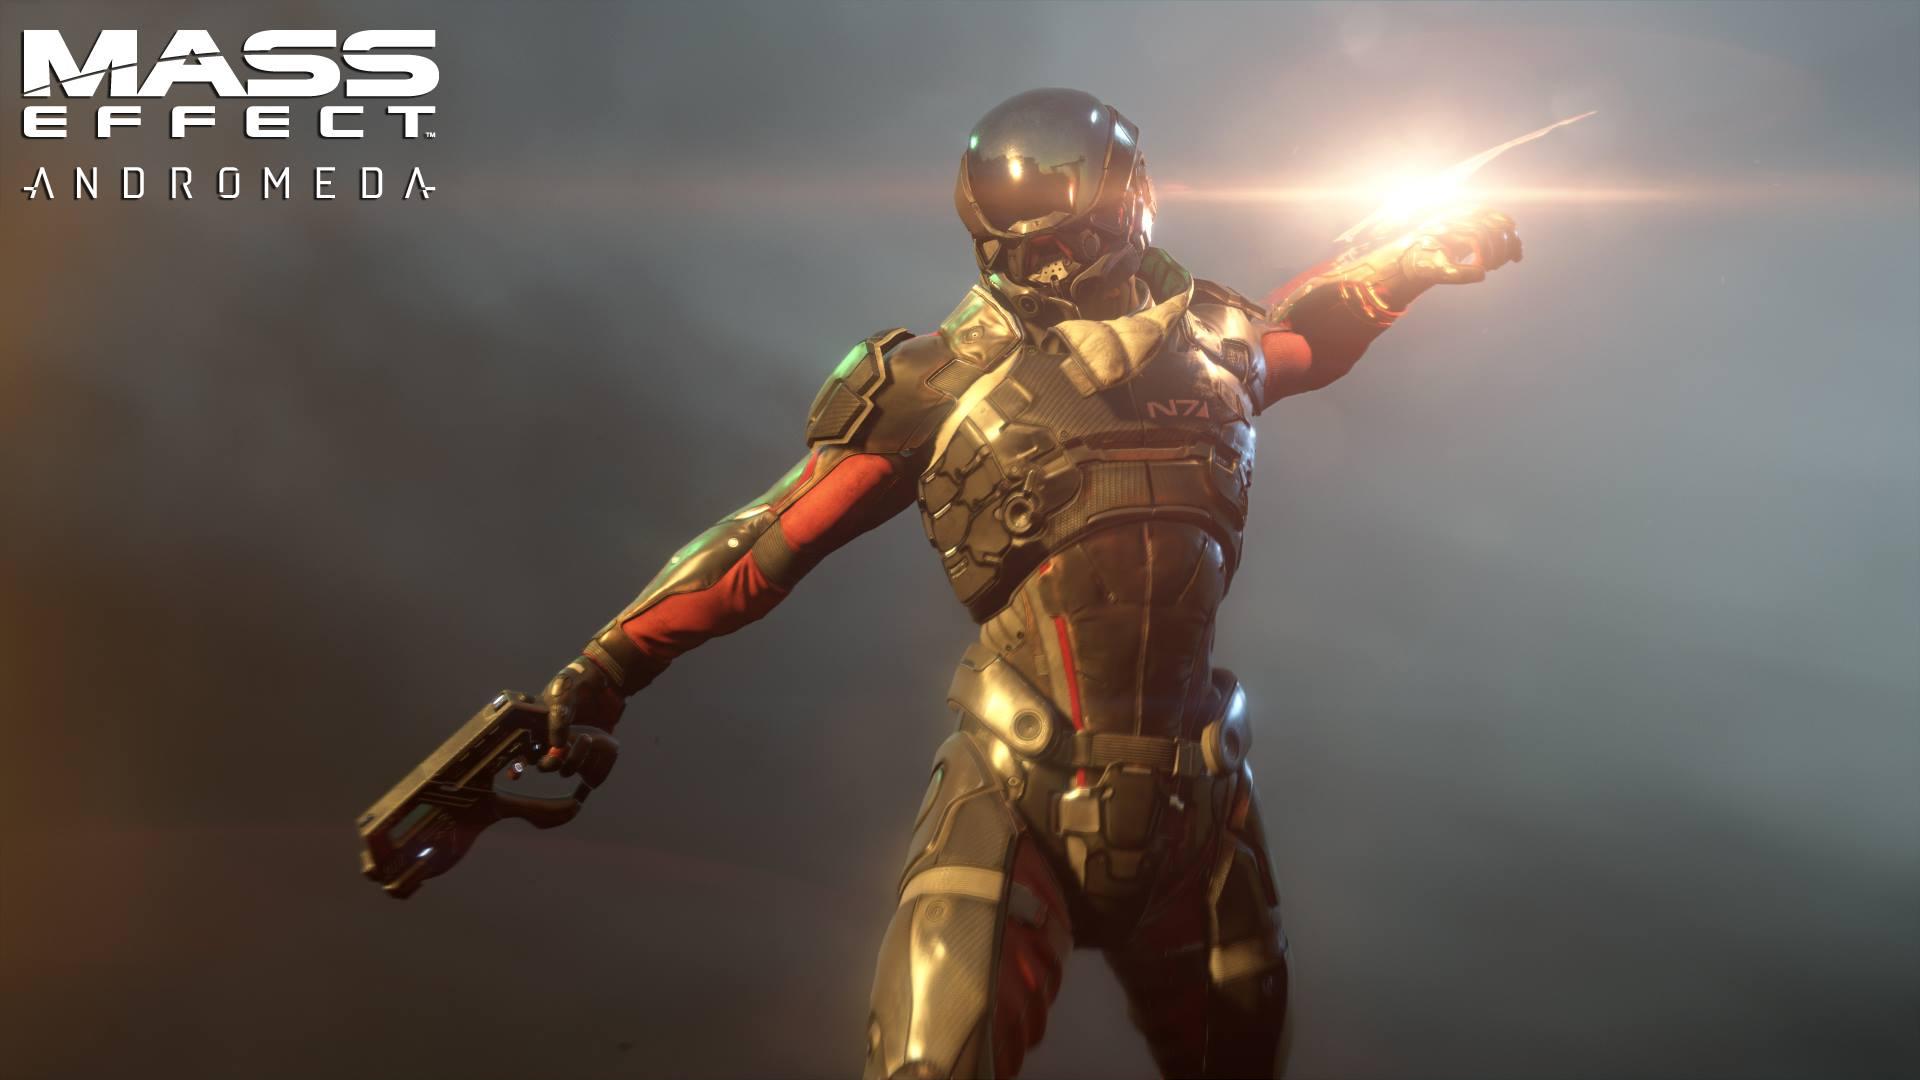 Bioware Mass Effect Andromeda